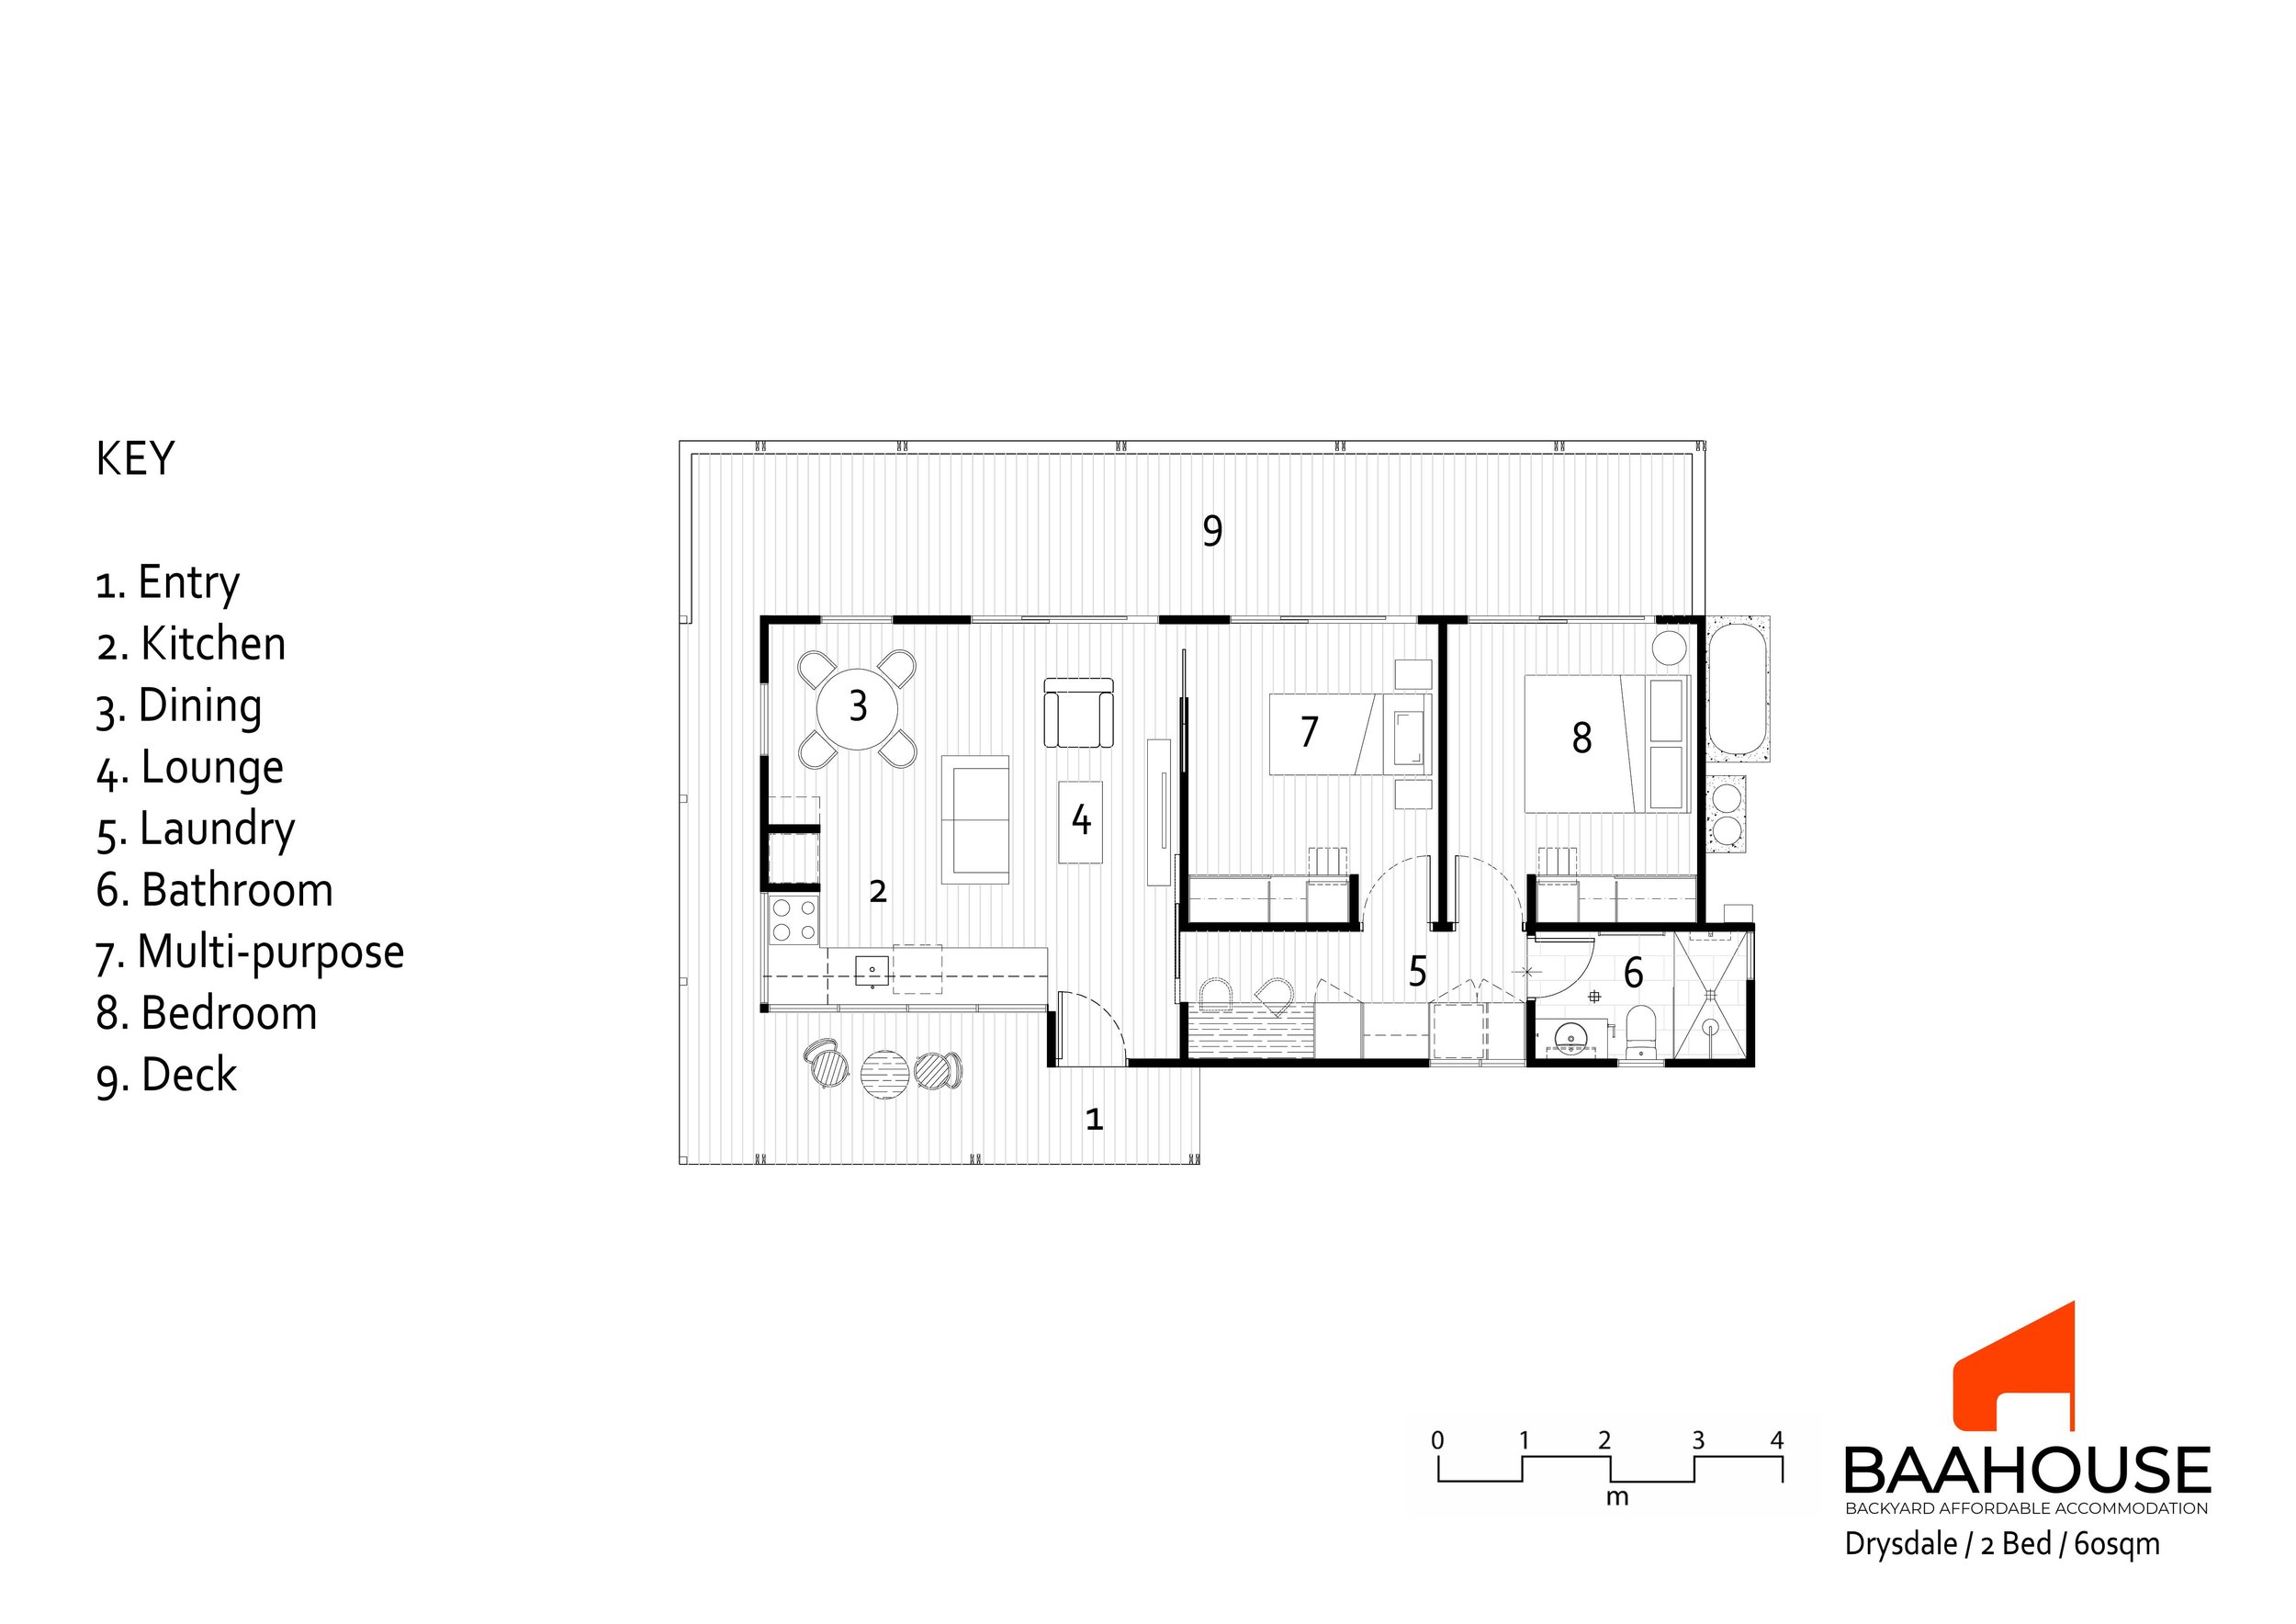 2 Bedroom 60sqm Drysdale design